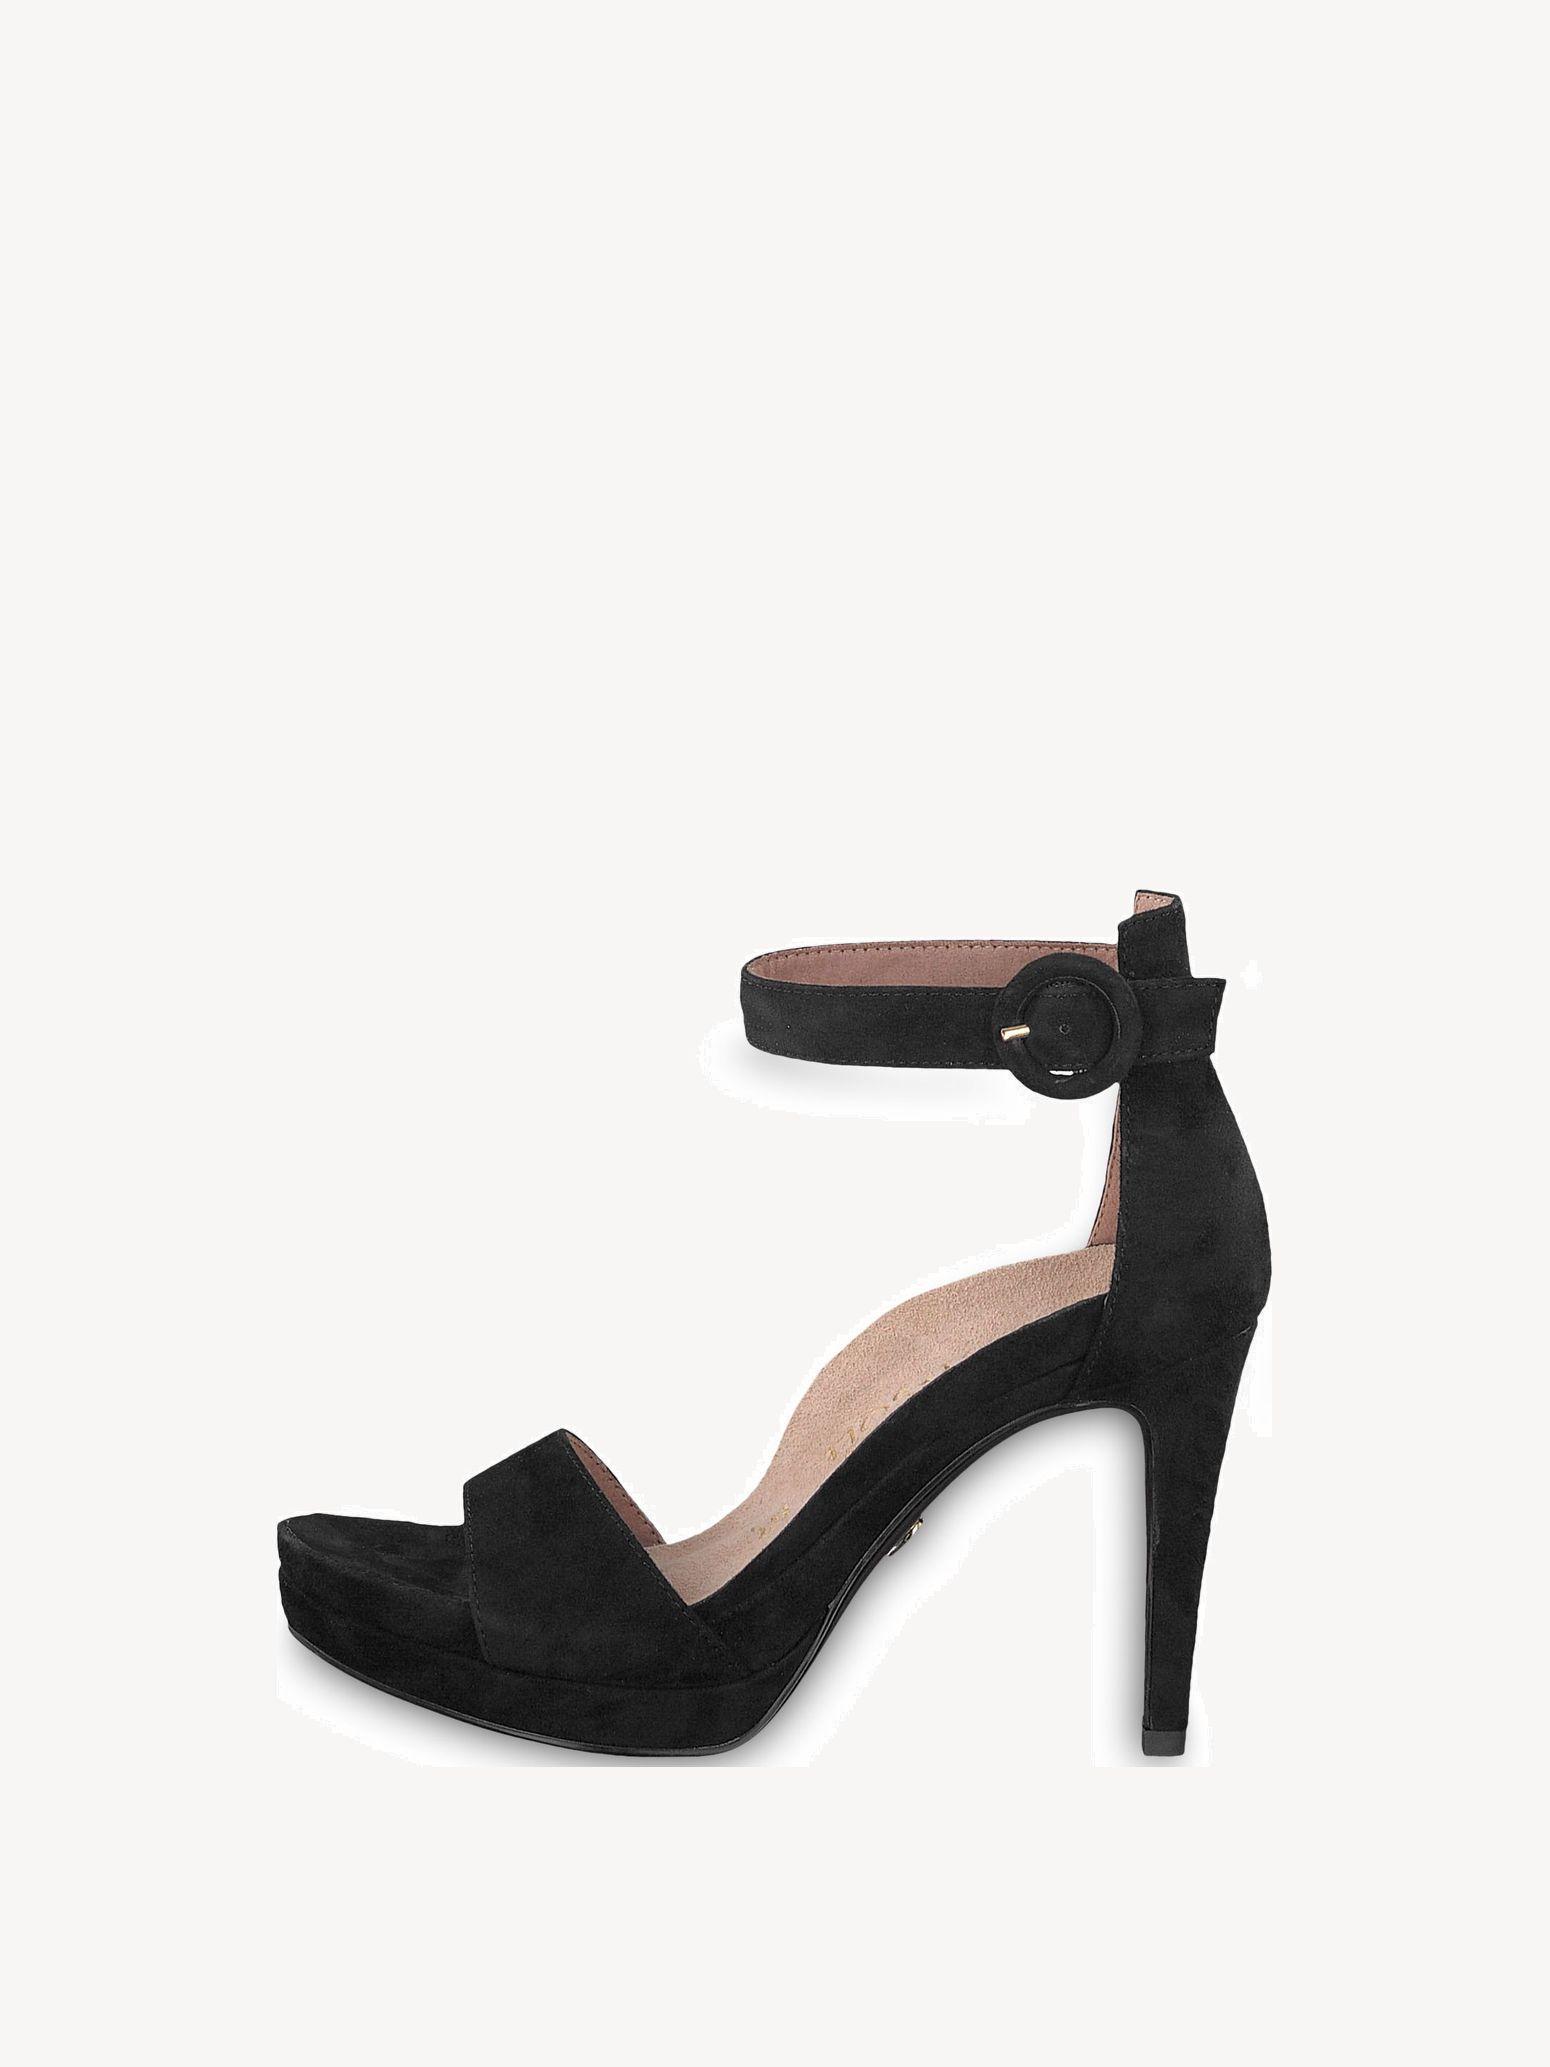 Tamaris High Heel Stiefelette mit feinen Riemchen online kaufen | BAUR